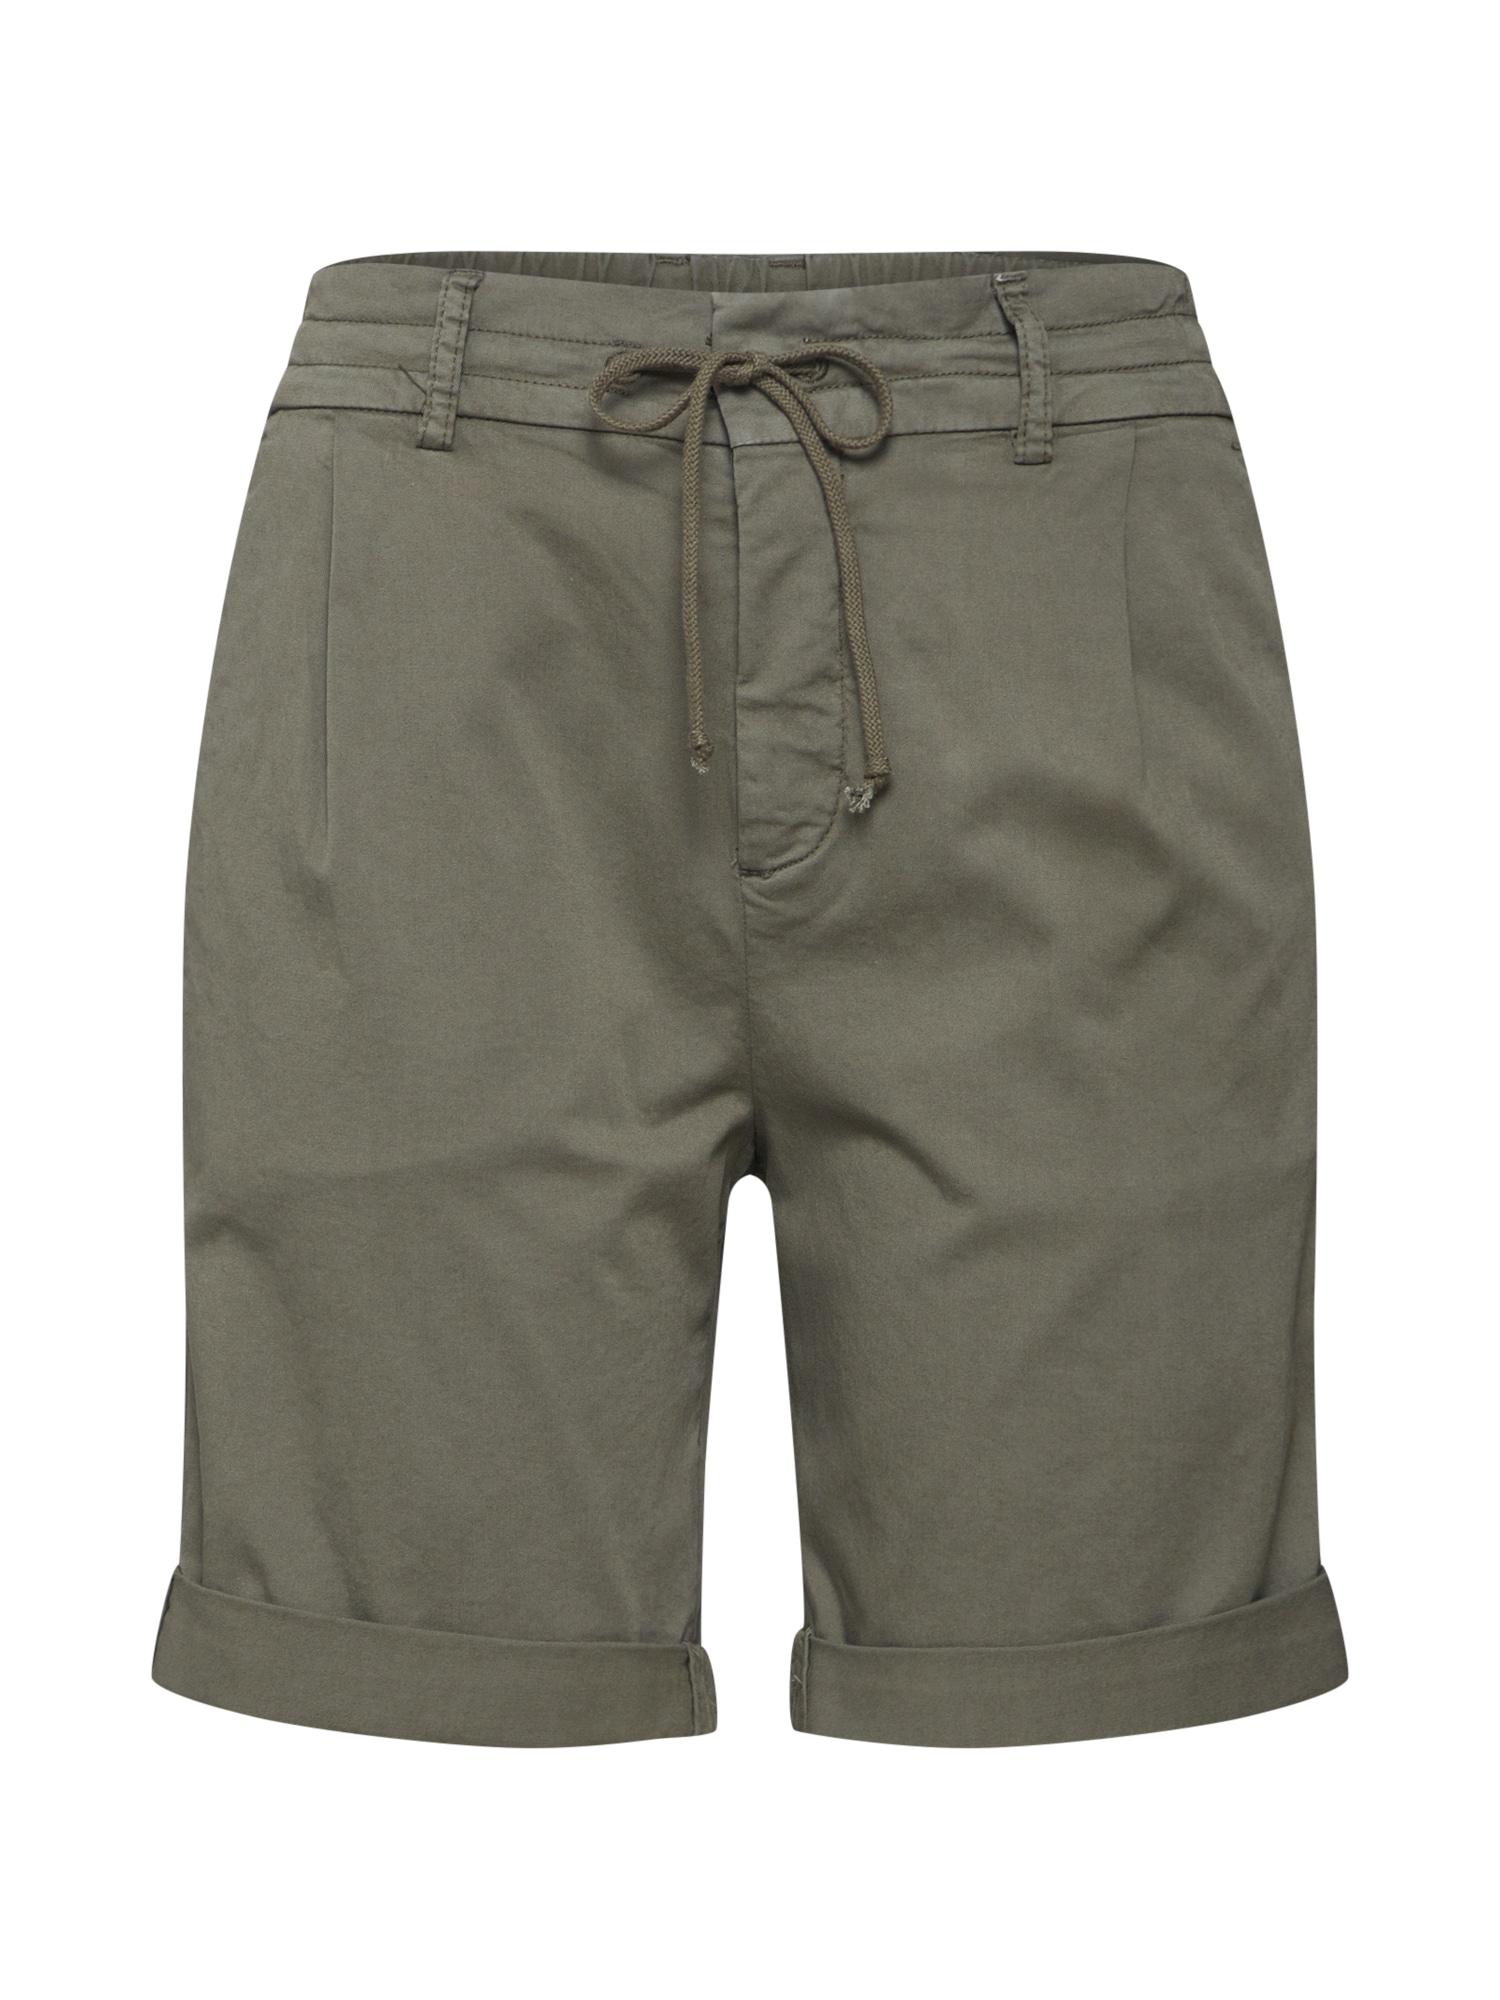 Kalhoty se sklady v pase TRAINEE khaki DRYKORN